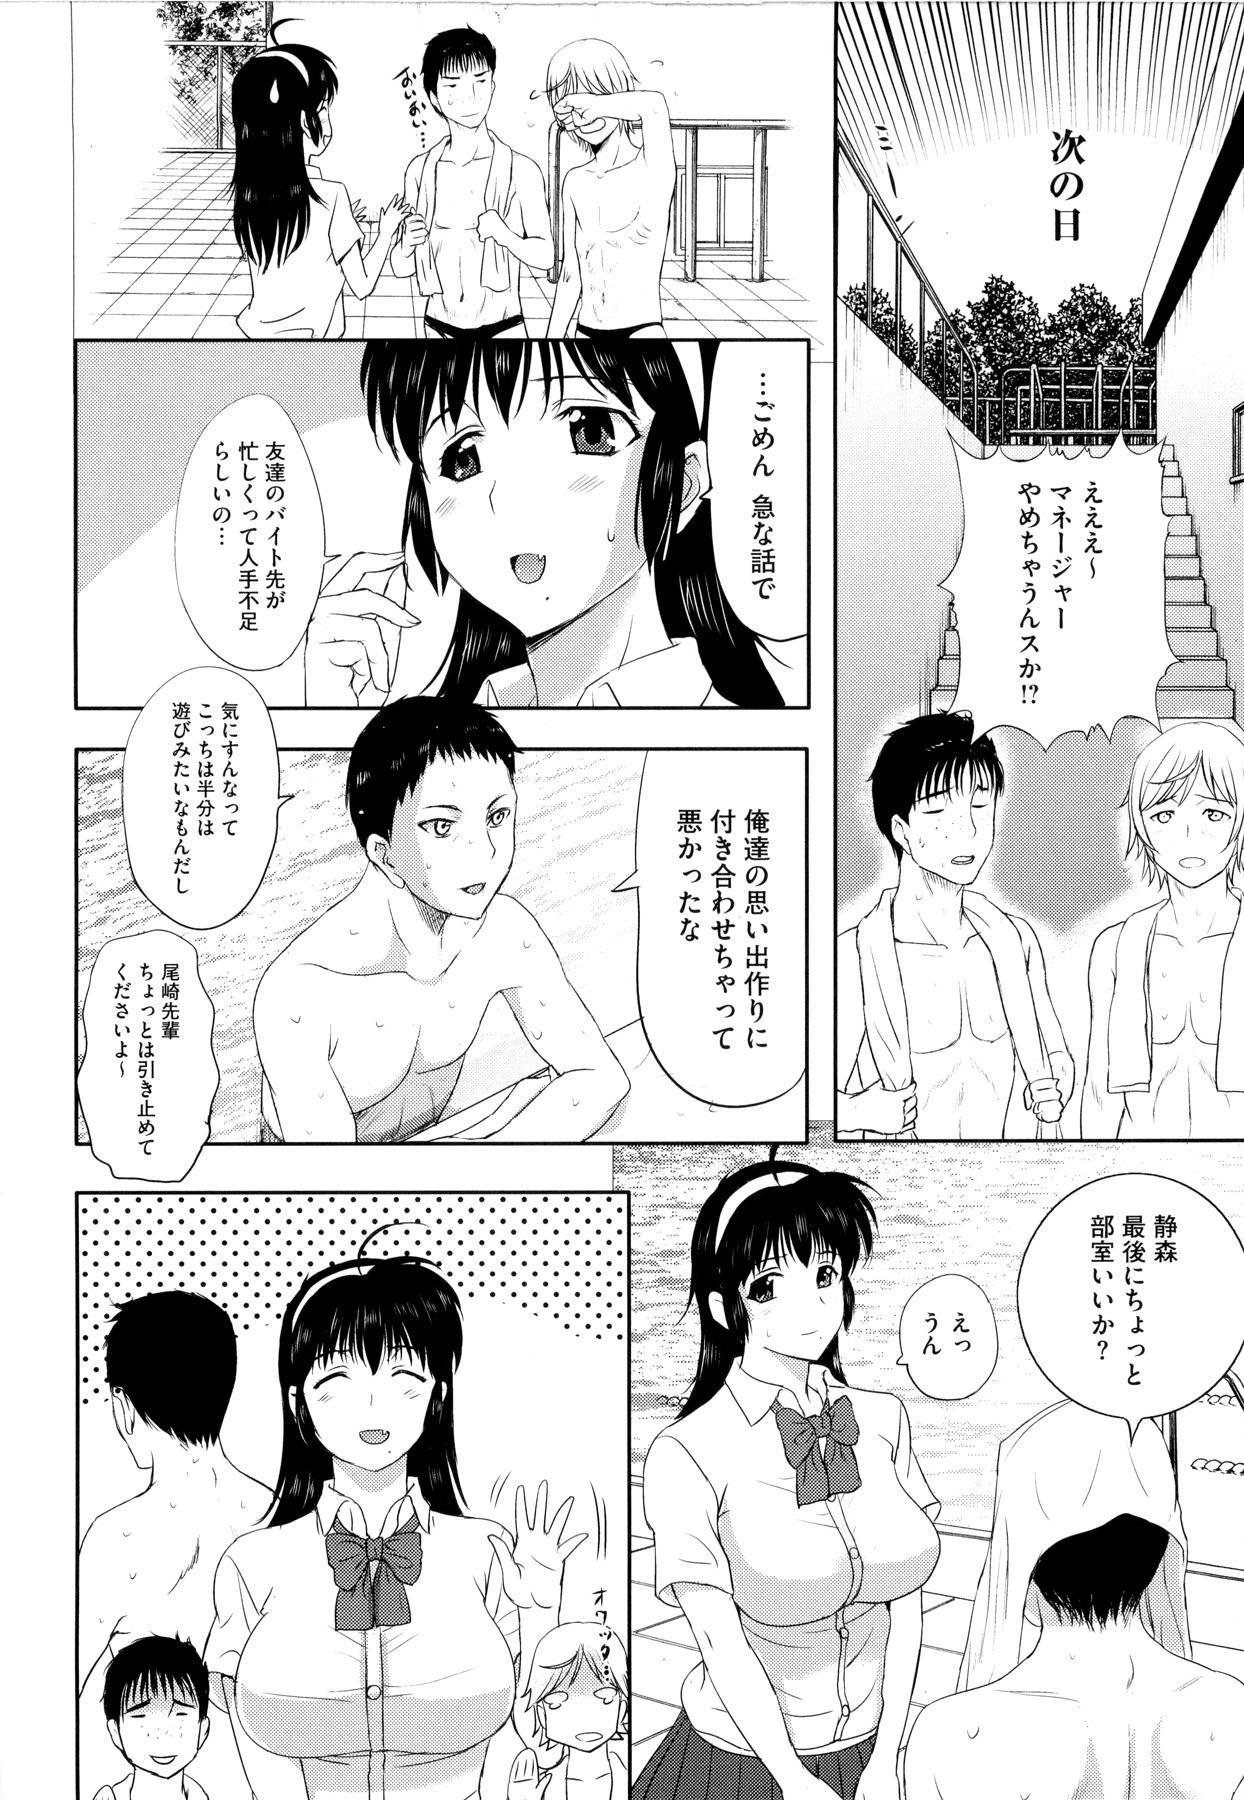 Sonotoki, Kanojo wa... 73